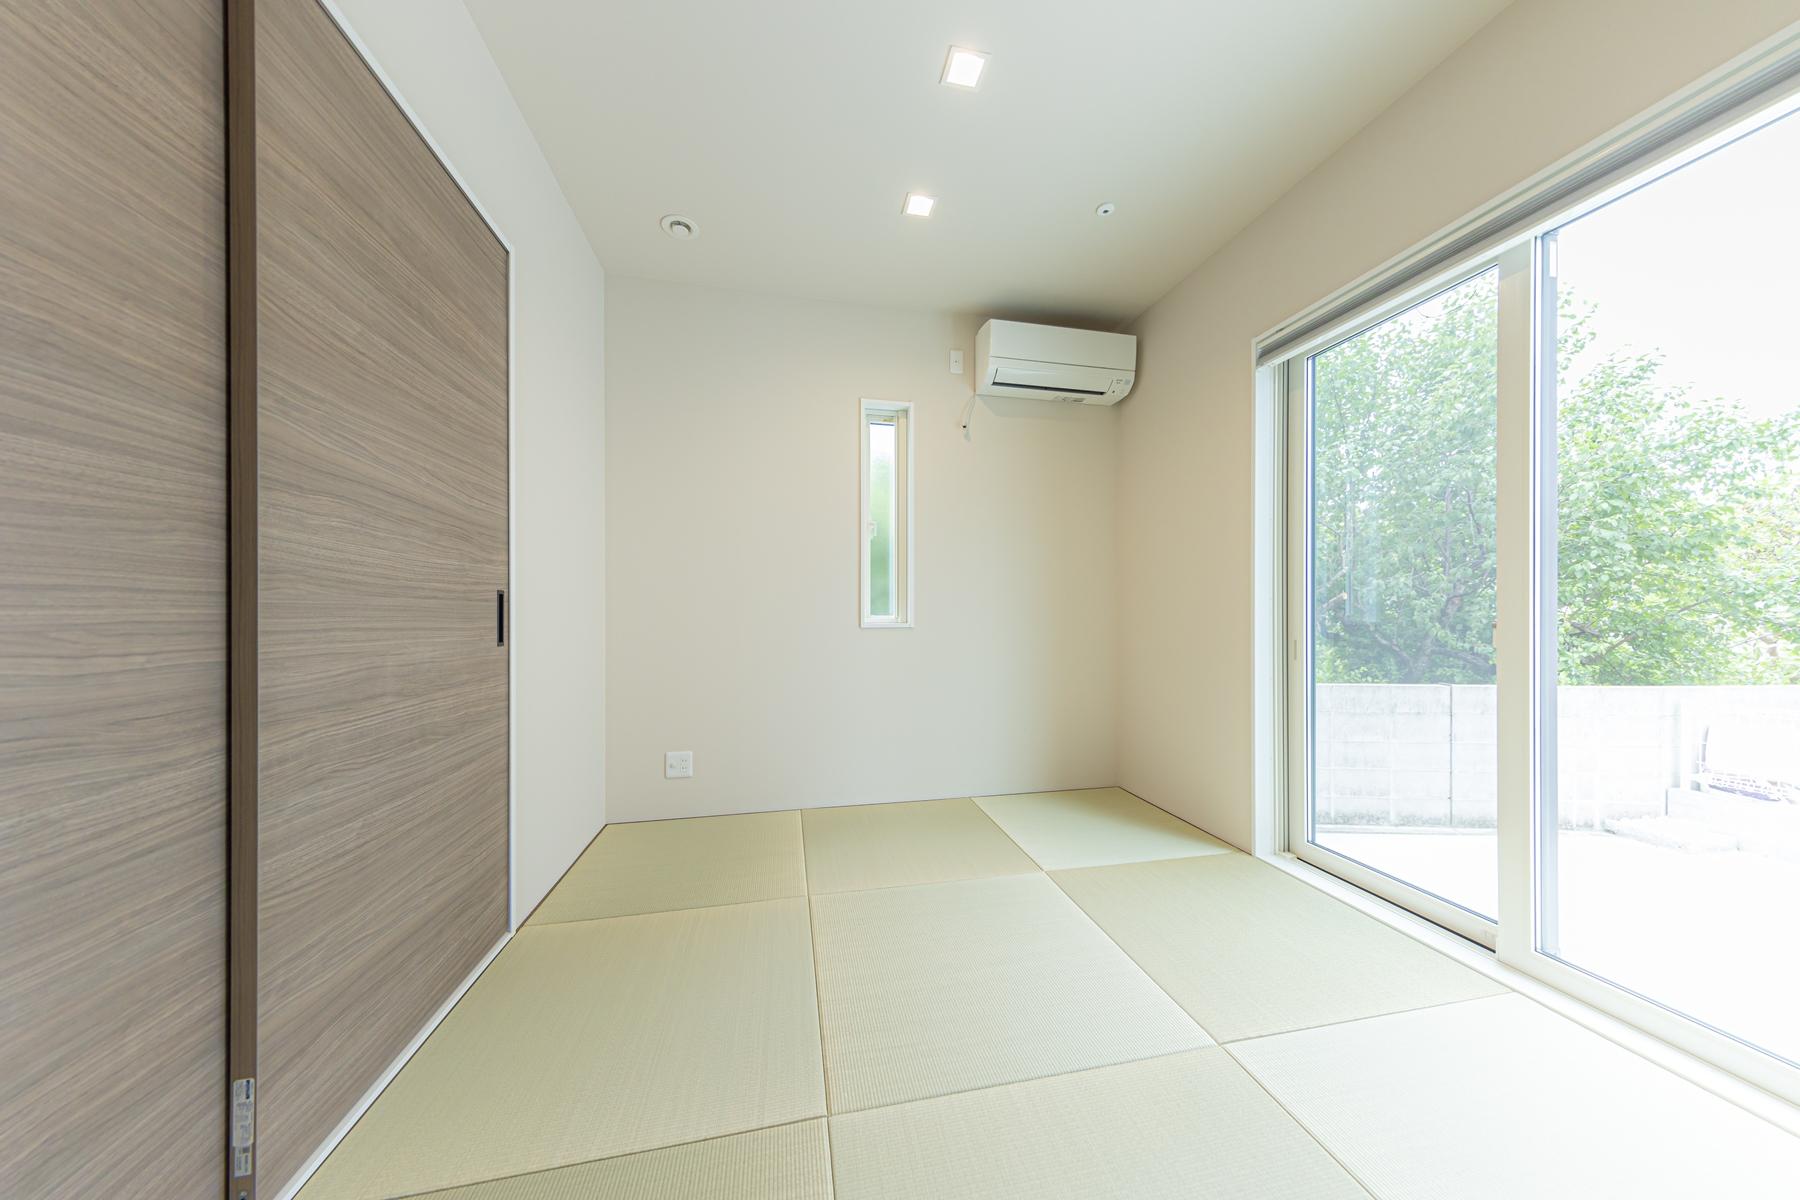 白を基調とした自然光が入る明るい吹き抜けのある家